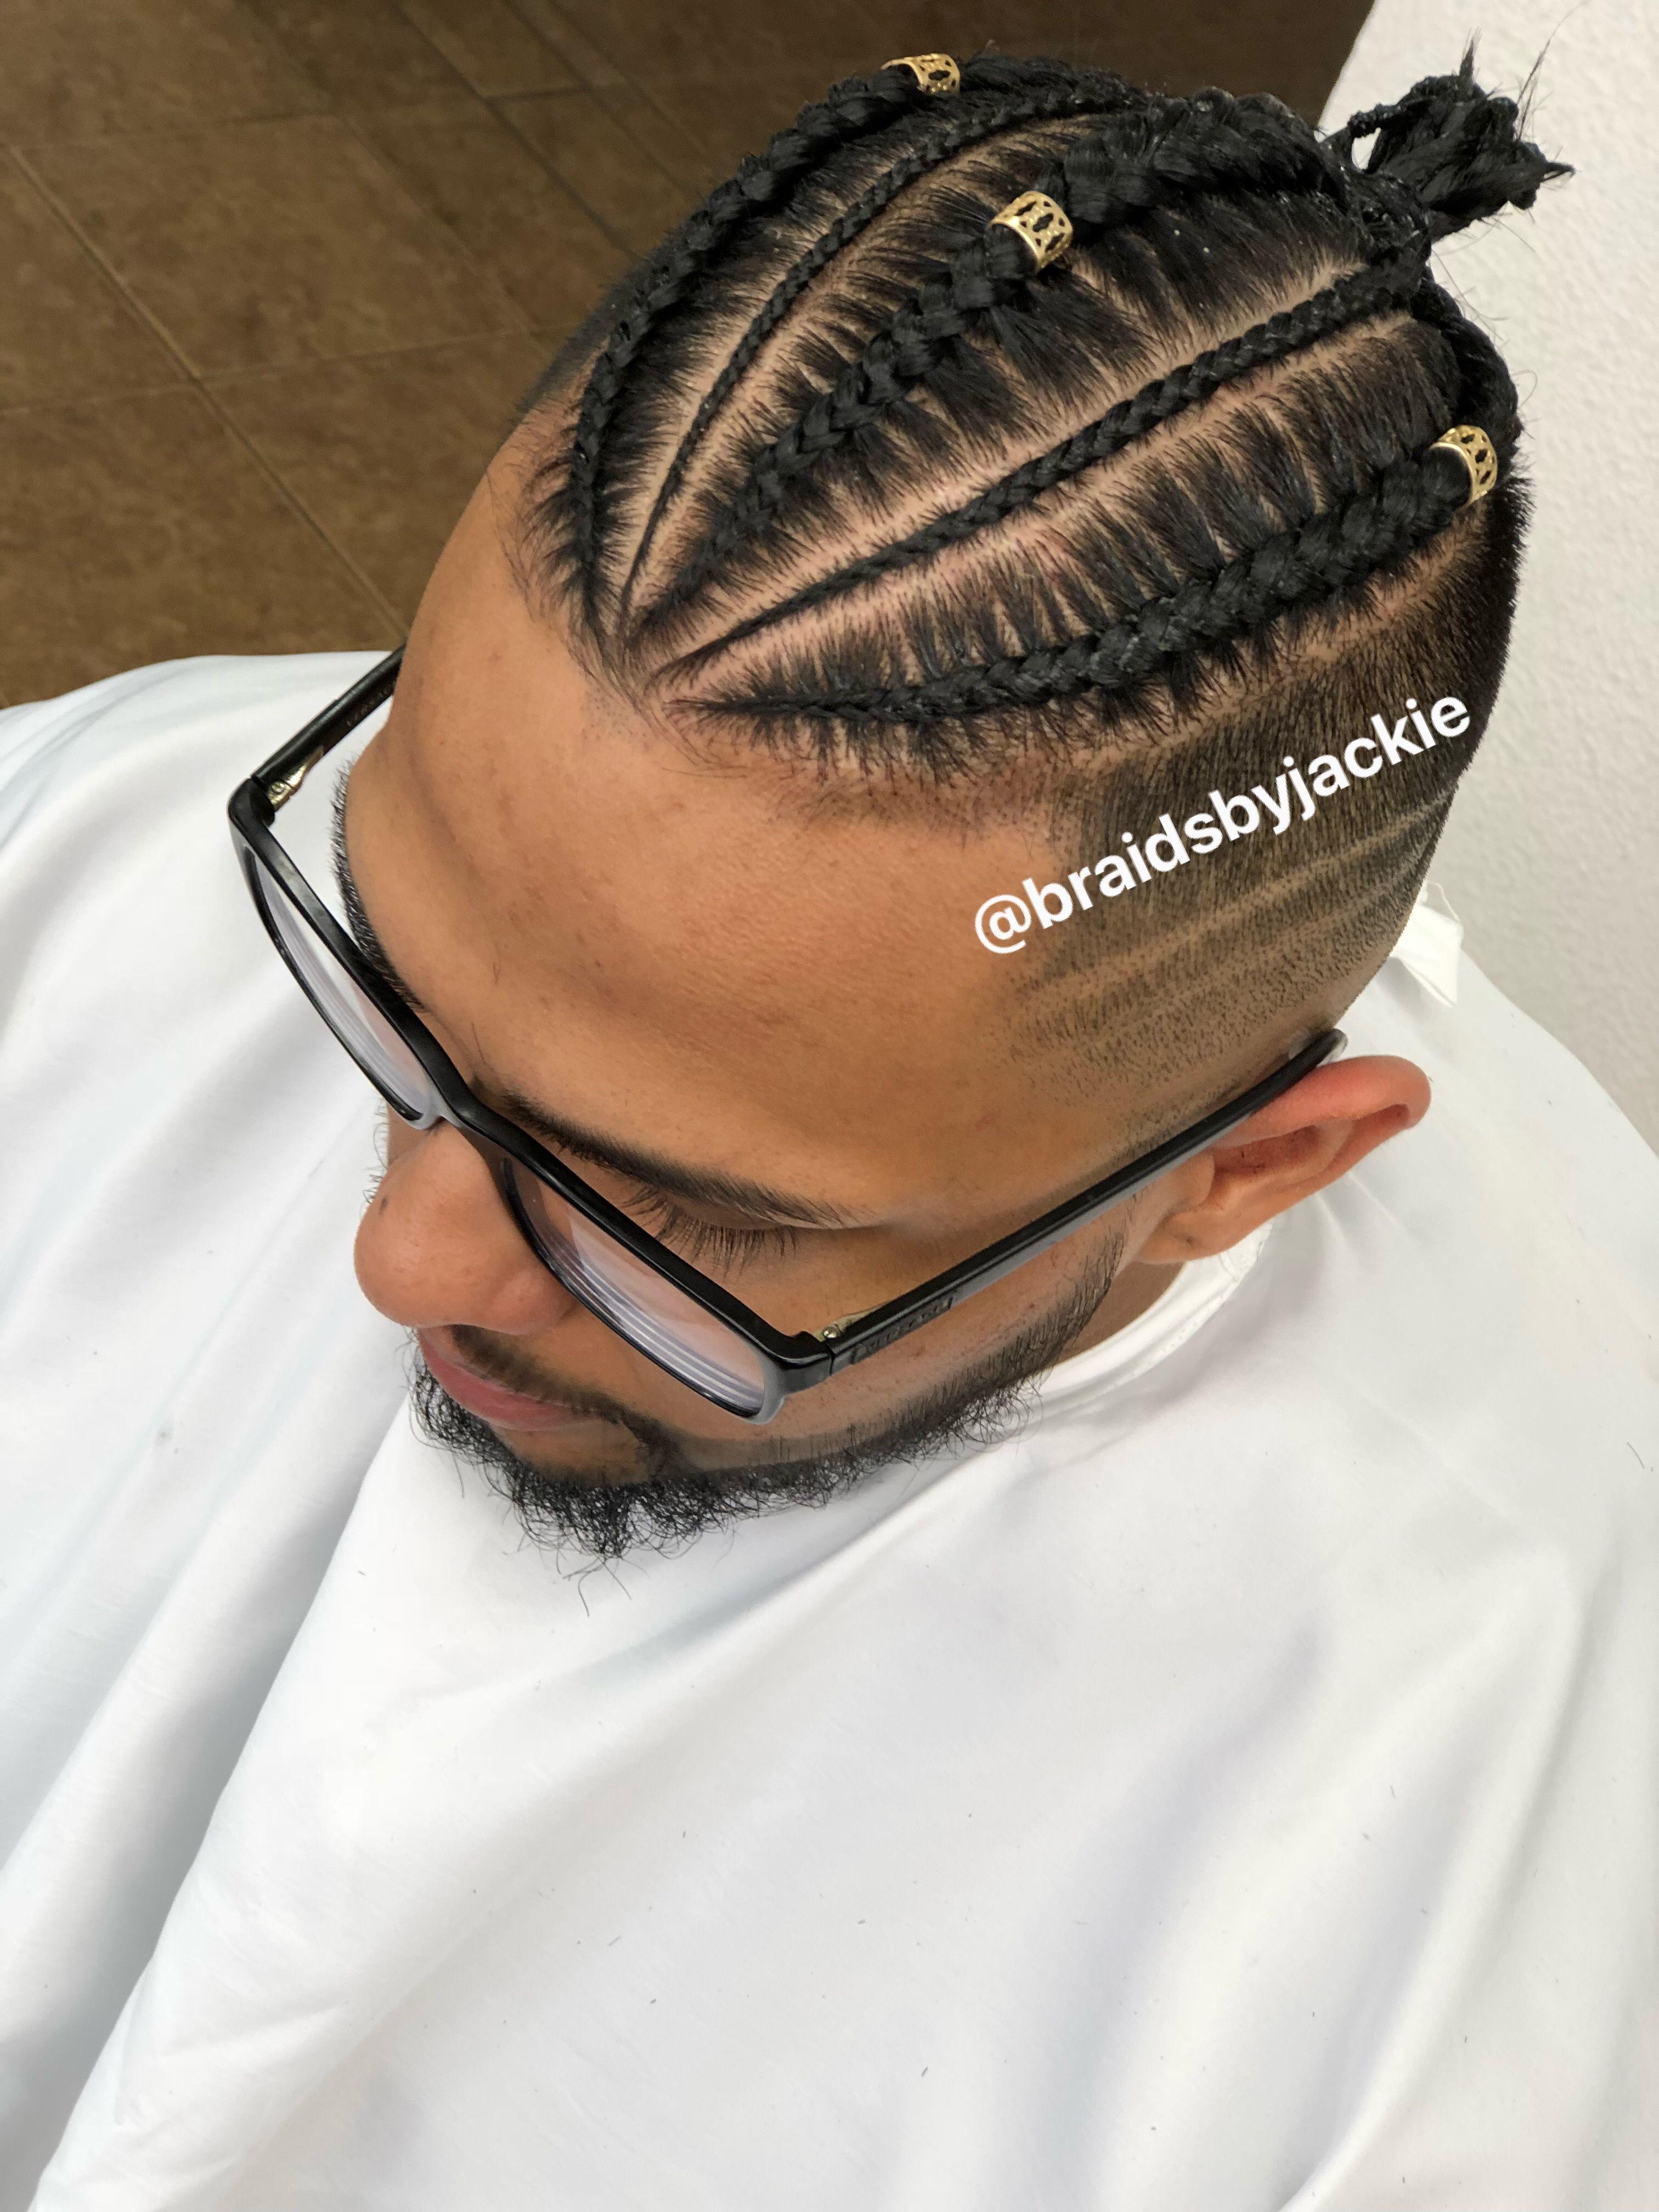 Man Bun Boy Braids Hairstyles Cool Braid Hairstyles Mens Braids Hairstyles